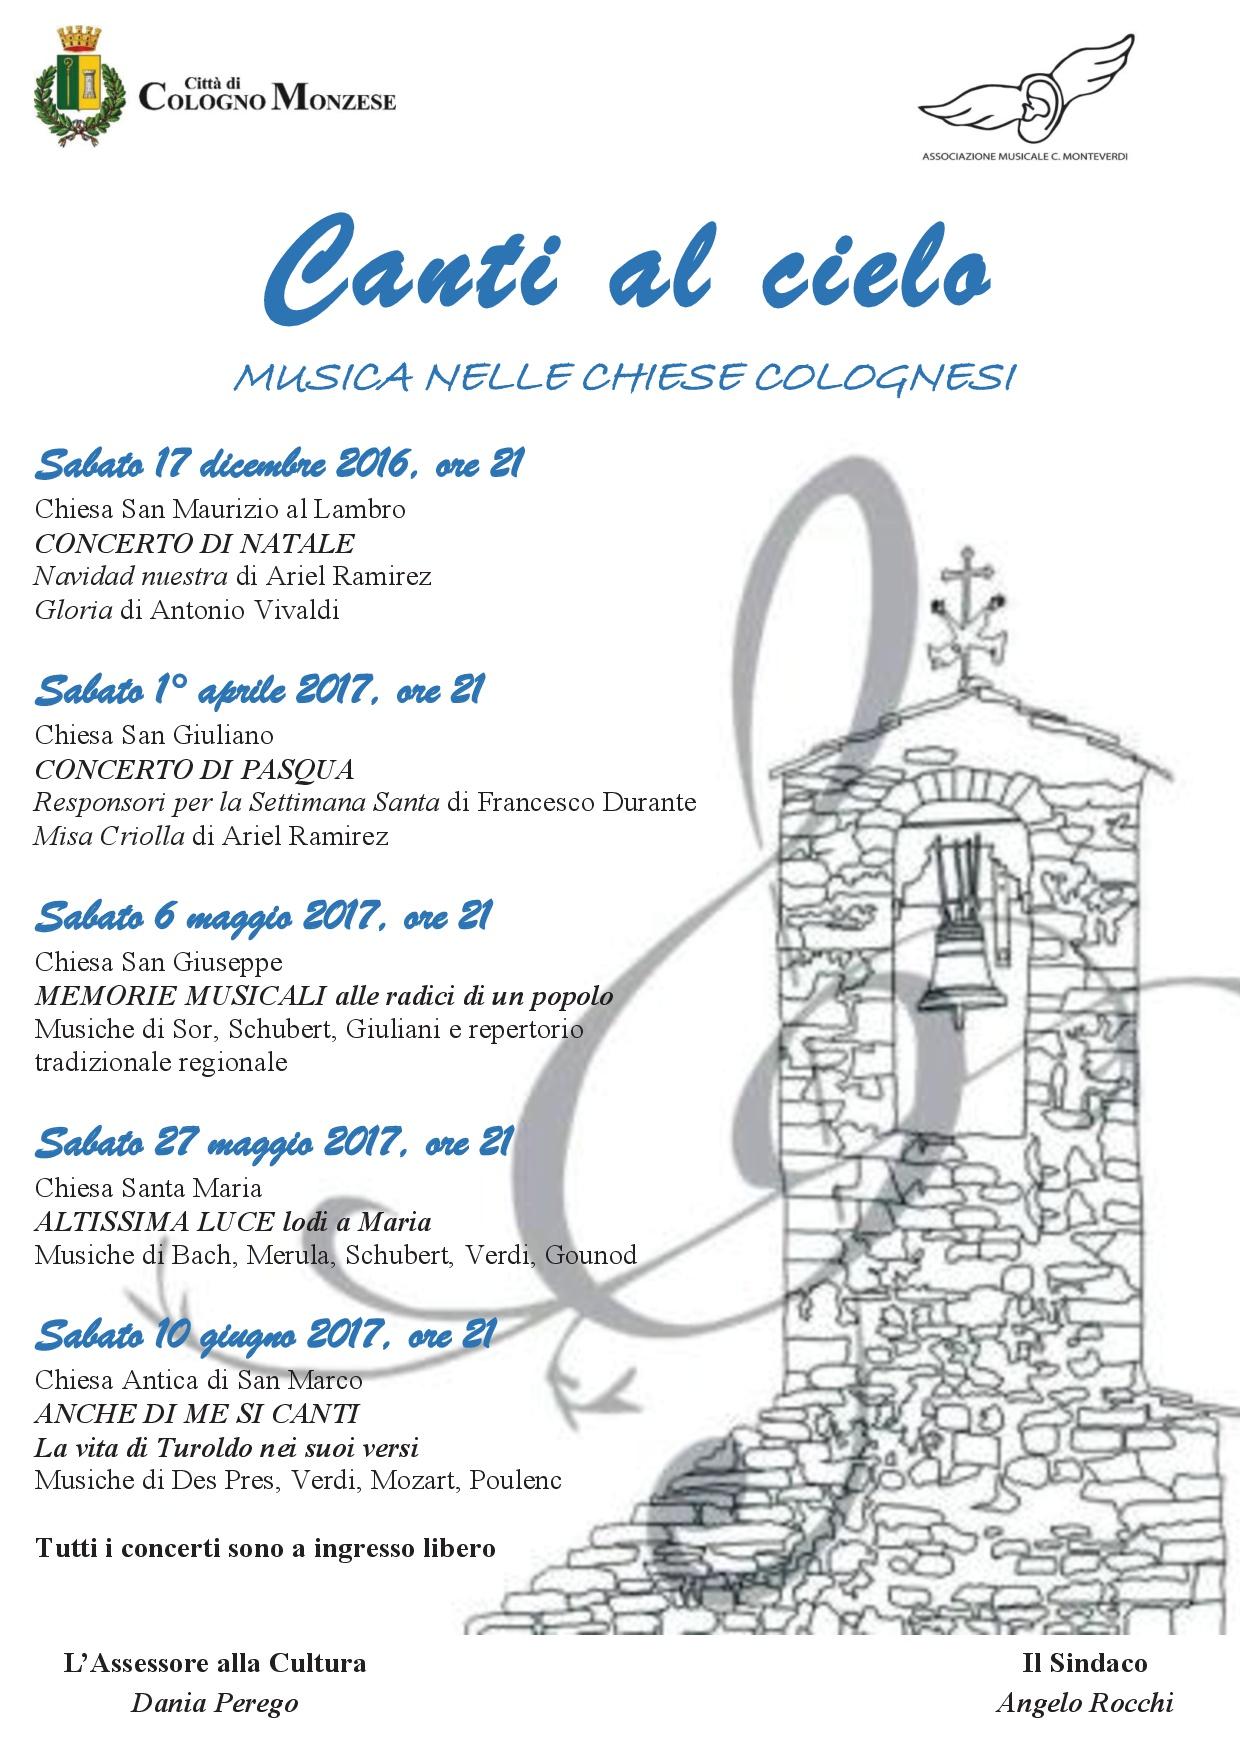 canti-in-cielo-cologno-2016-2017